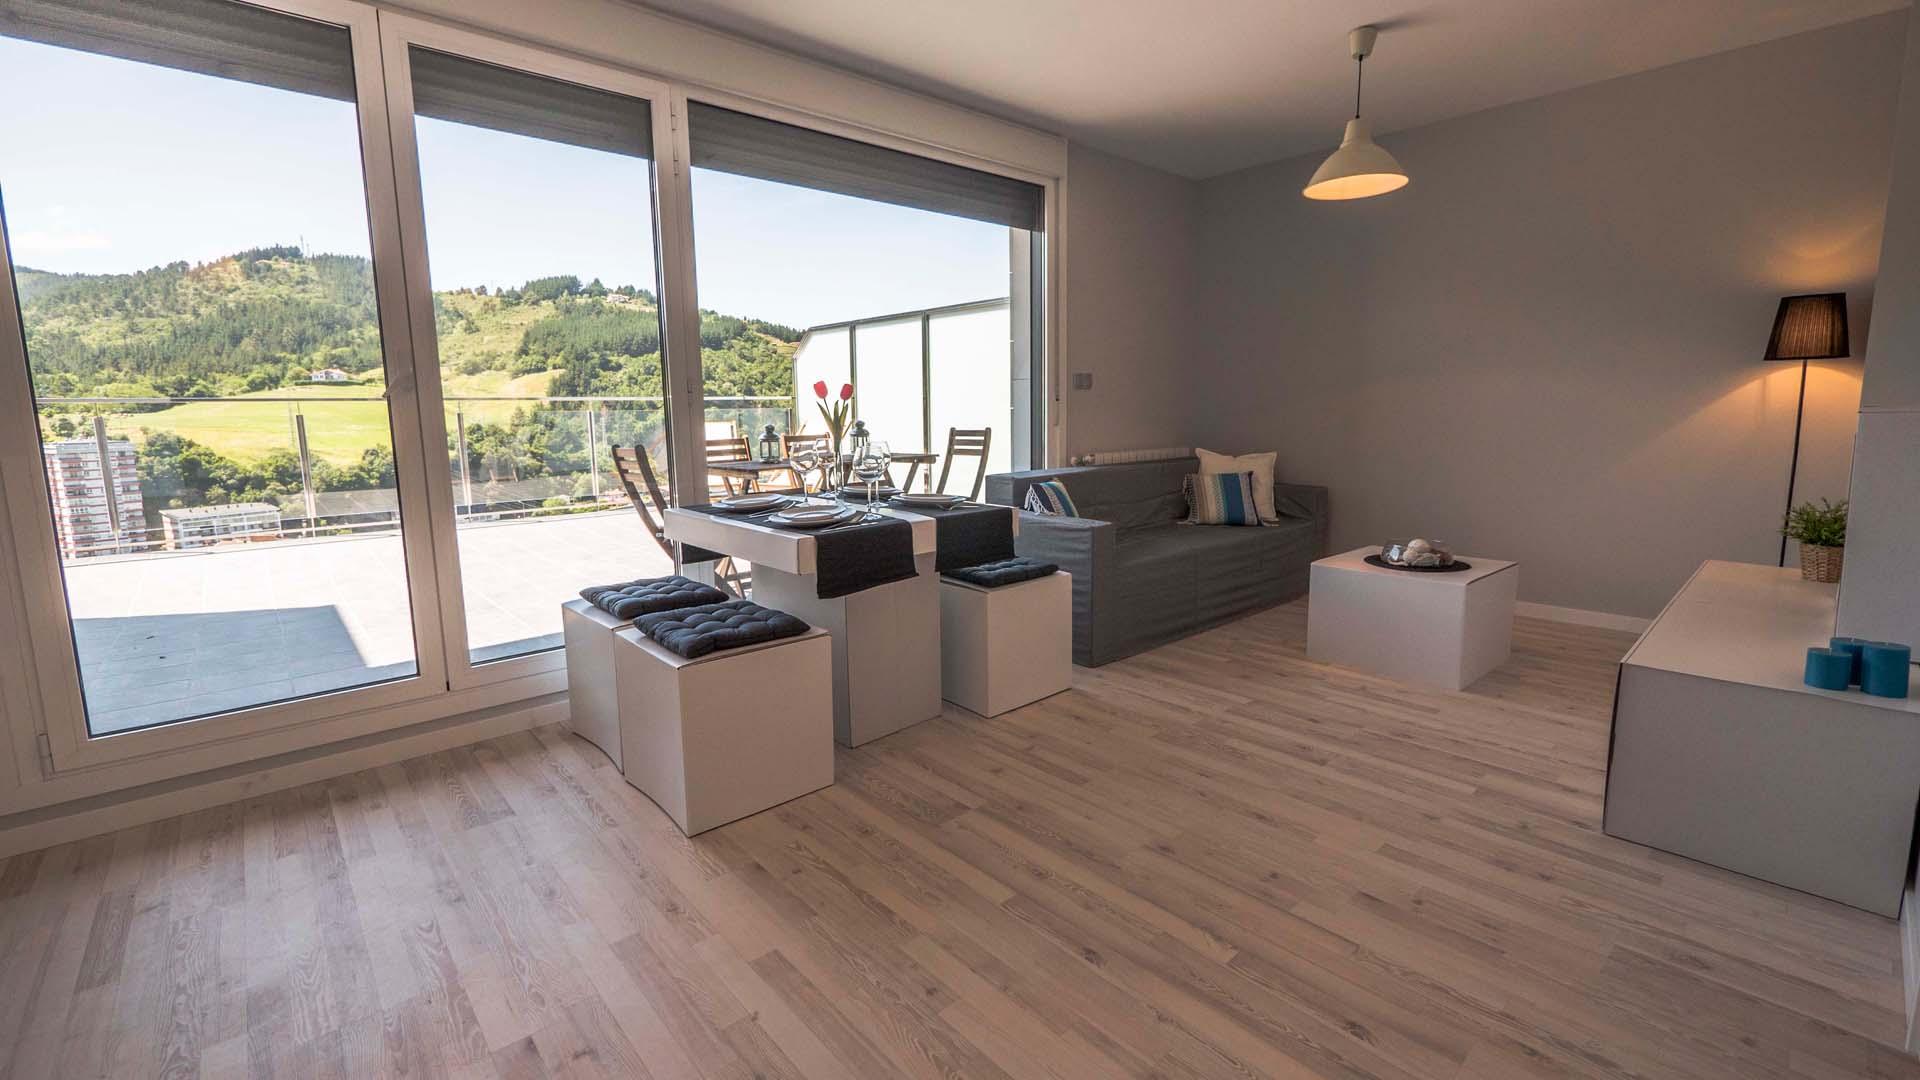 Cómo mejorar el aspecto de una casa en venta